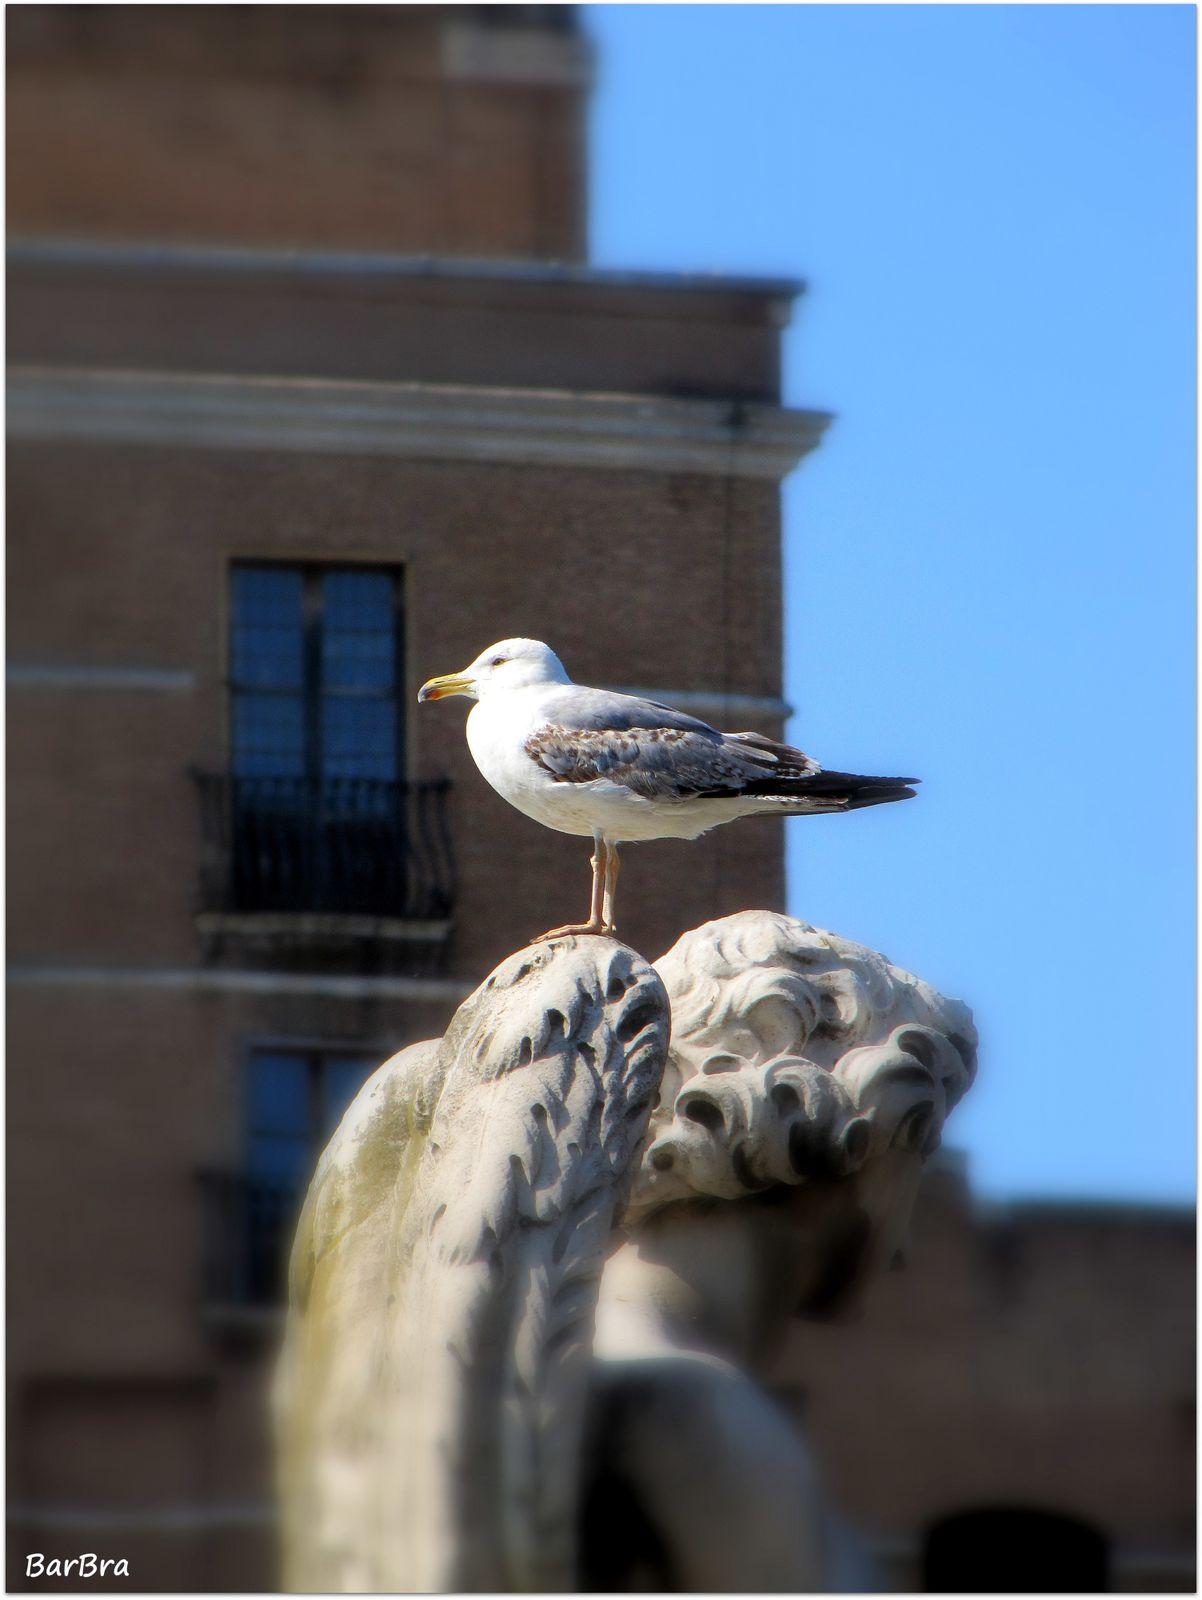 ... un gabbiano si riposa sull'ala di uno dieci angeli recanti i simboli della passione,